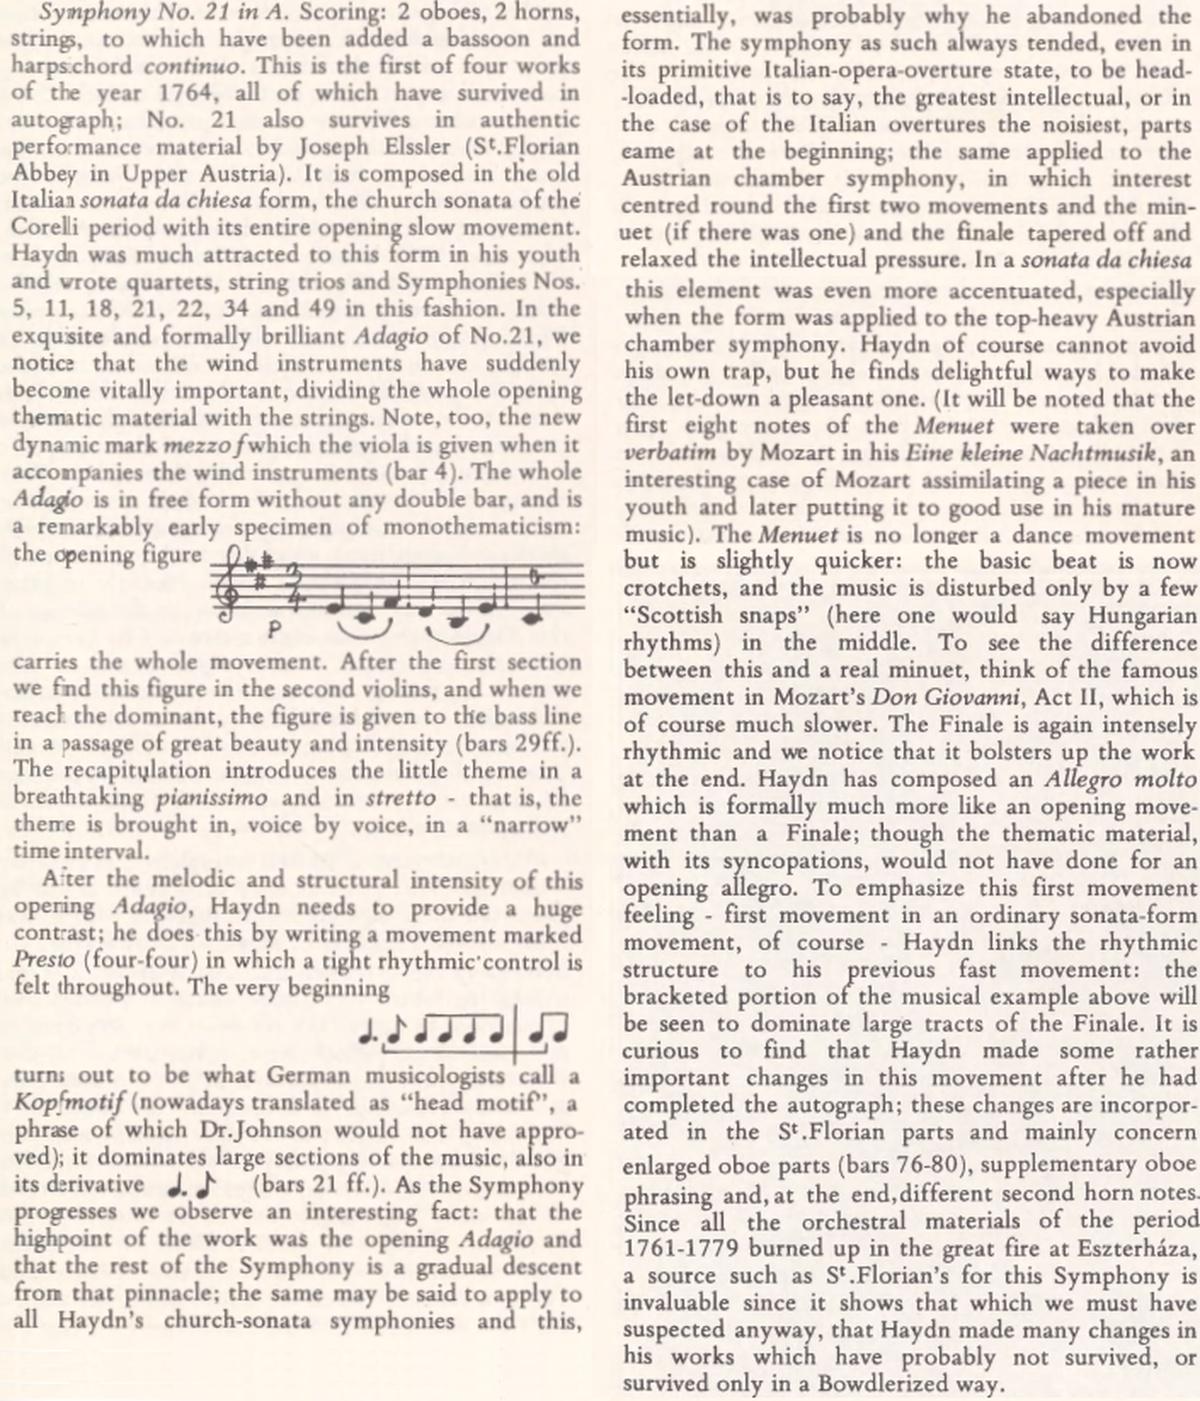 extrait des Notes on Symphonies 20-35 by H.C. Robbins Landon publiées en décembre 1972 dans le 7e volume de l'intégrale des symphonies de Haydn enregistrée sous la direction d'Antal Dorati